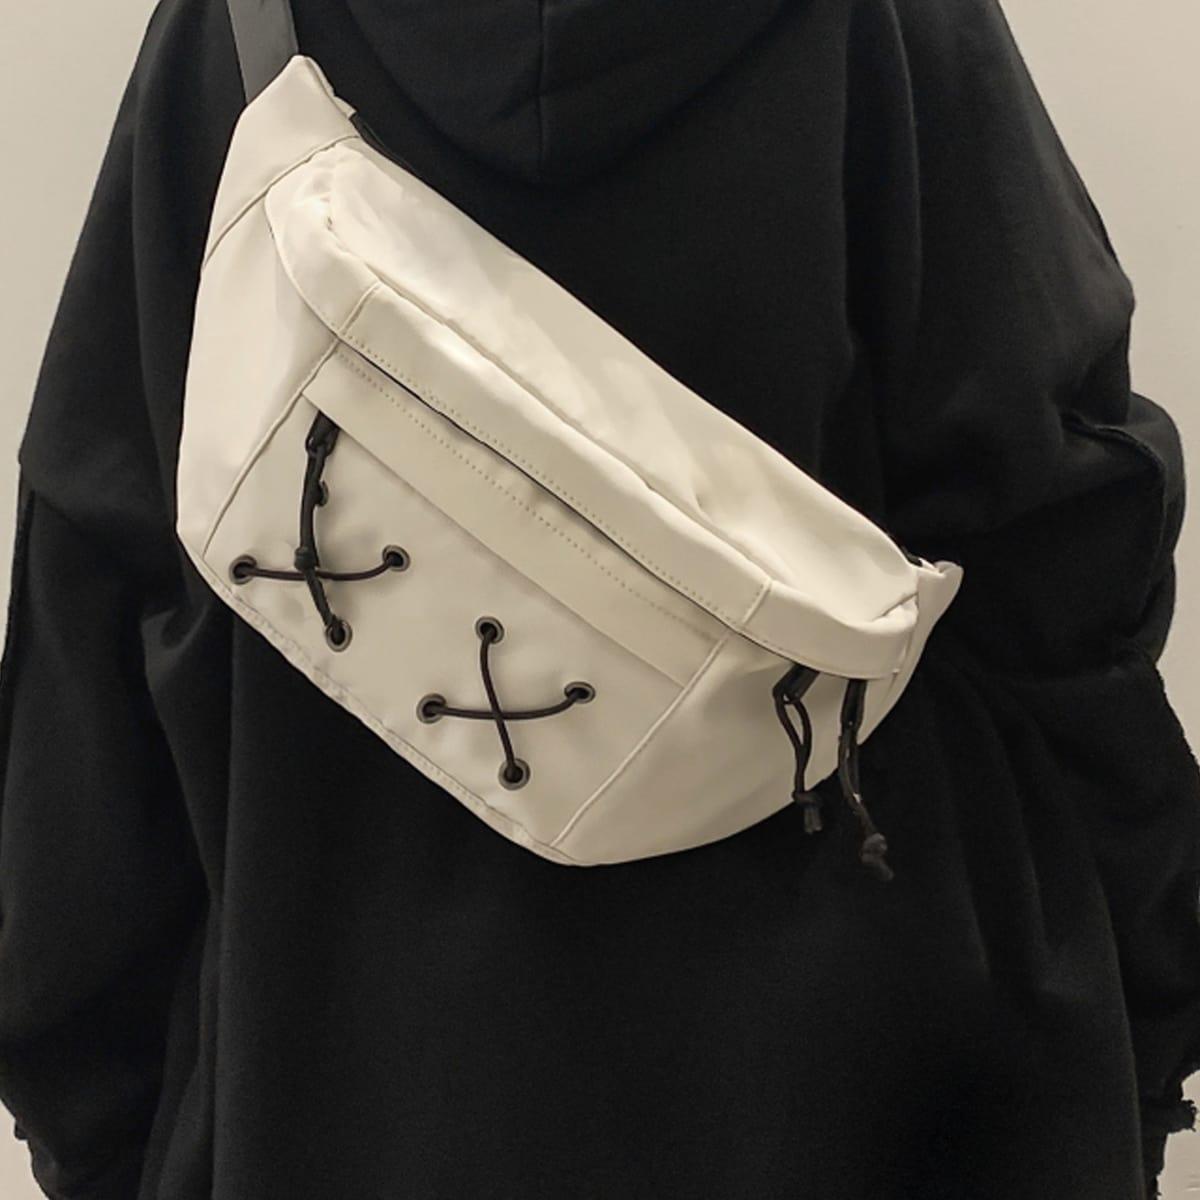 Поясная сумка для мужчины